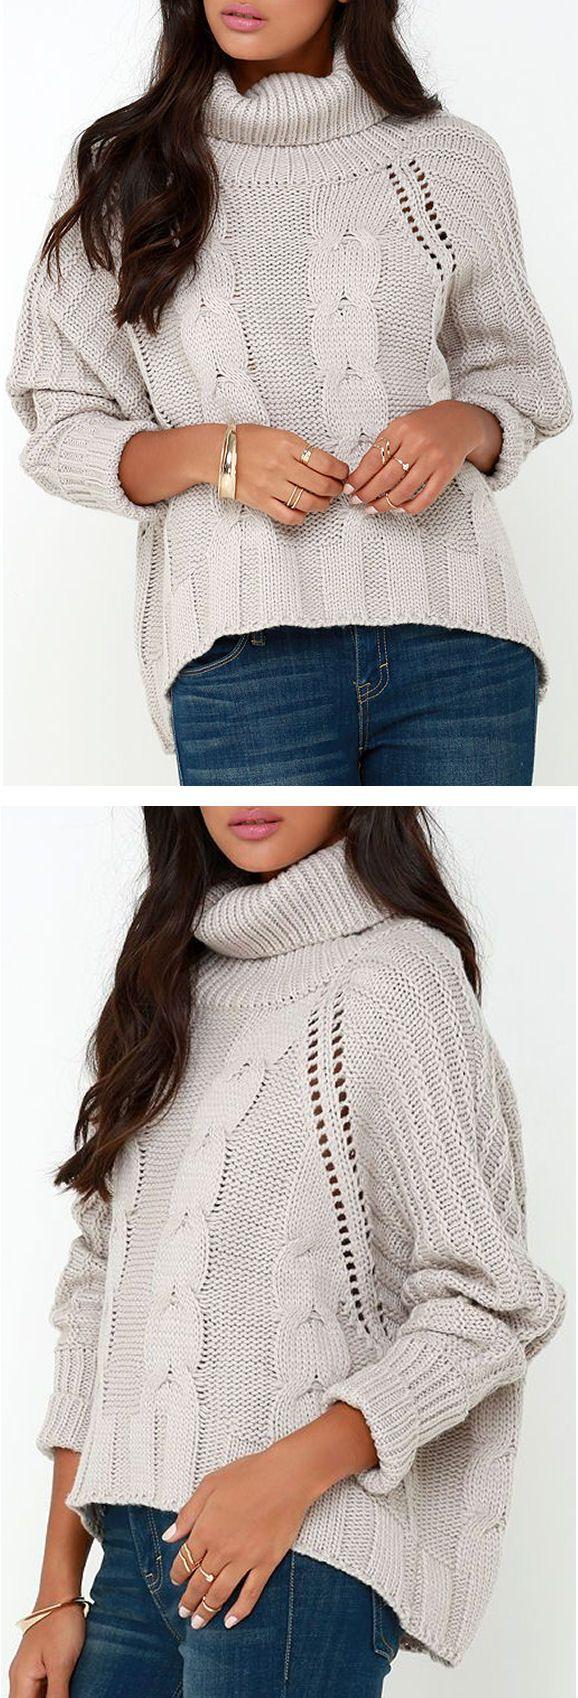 Cozy Grey Oversized Sweater ❤ | F/w fashion | Pinterest | Cozy ...